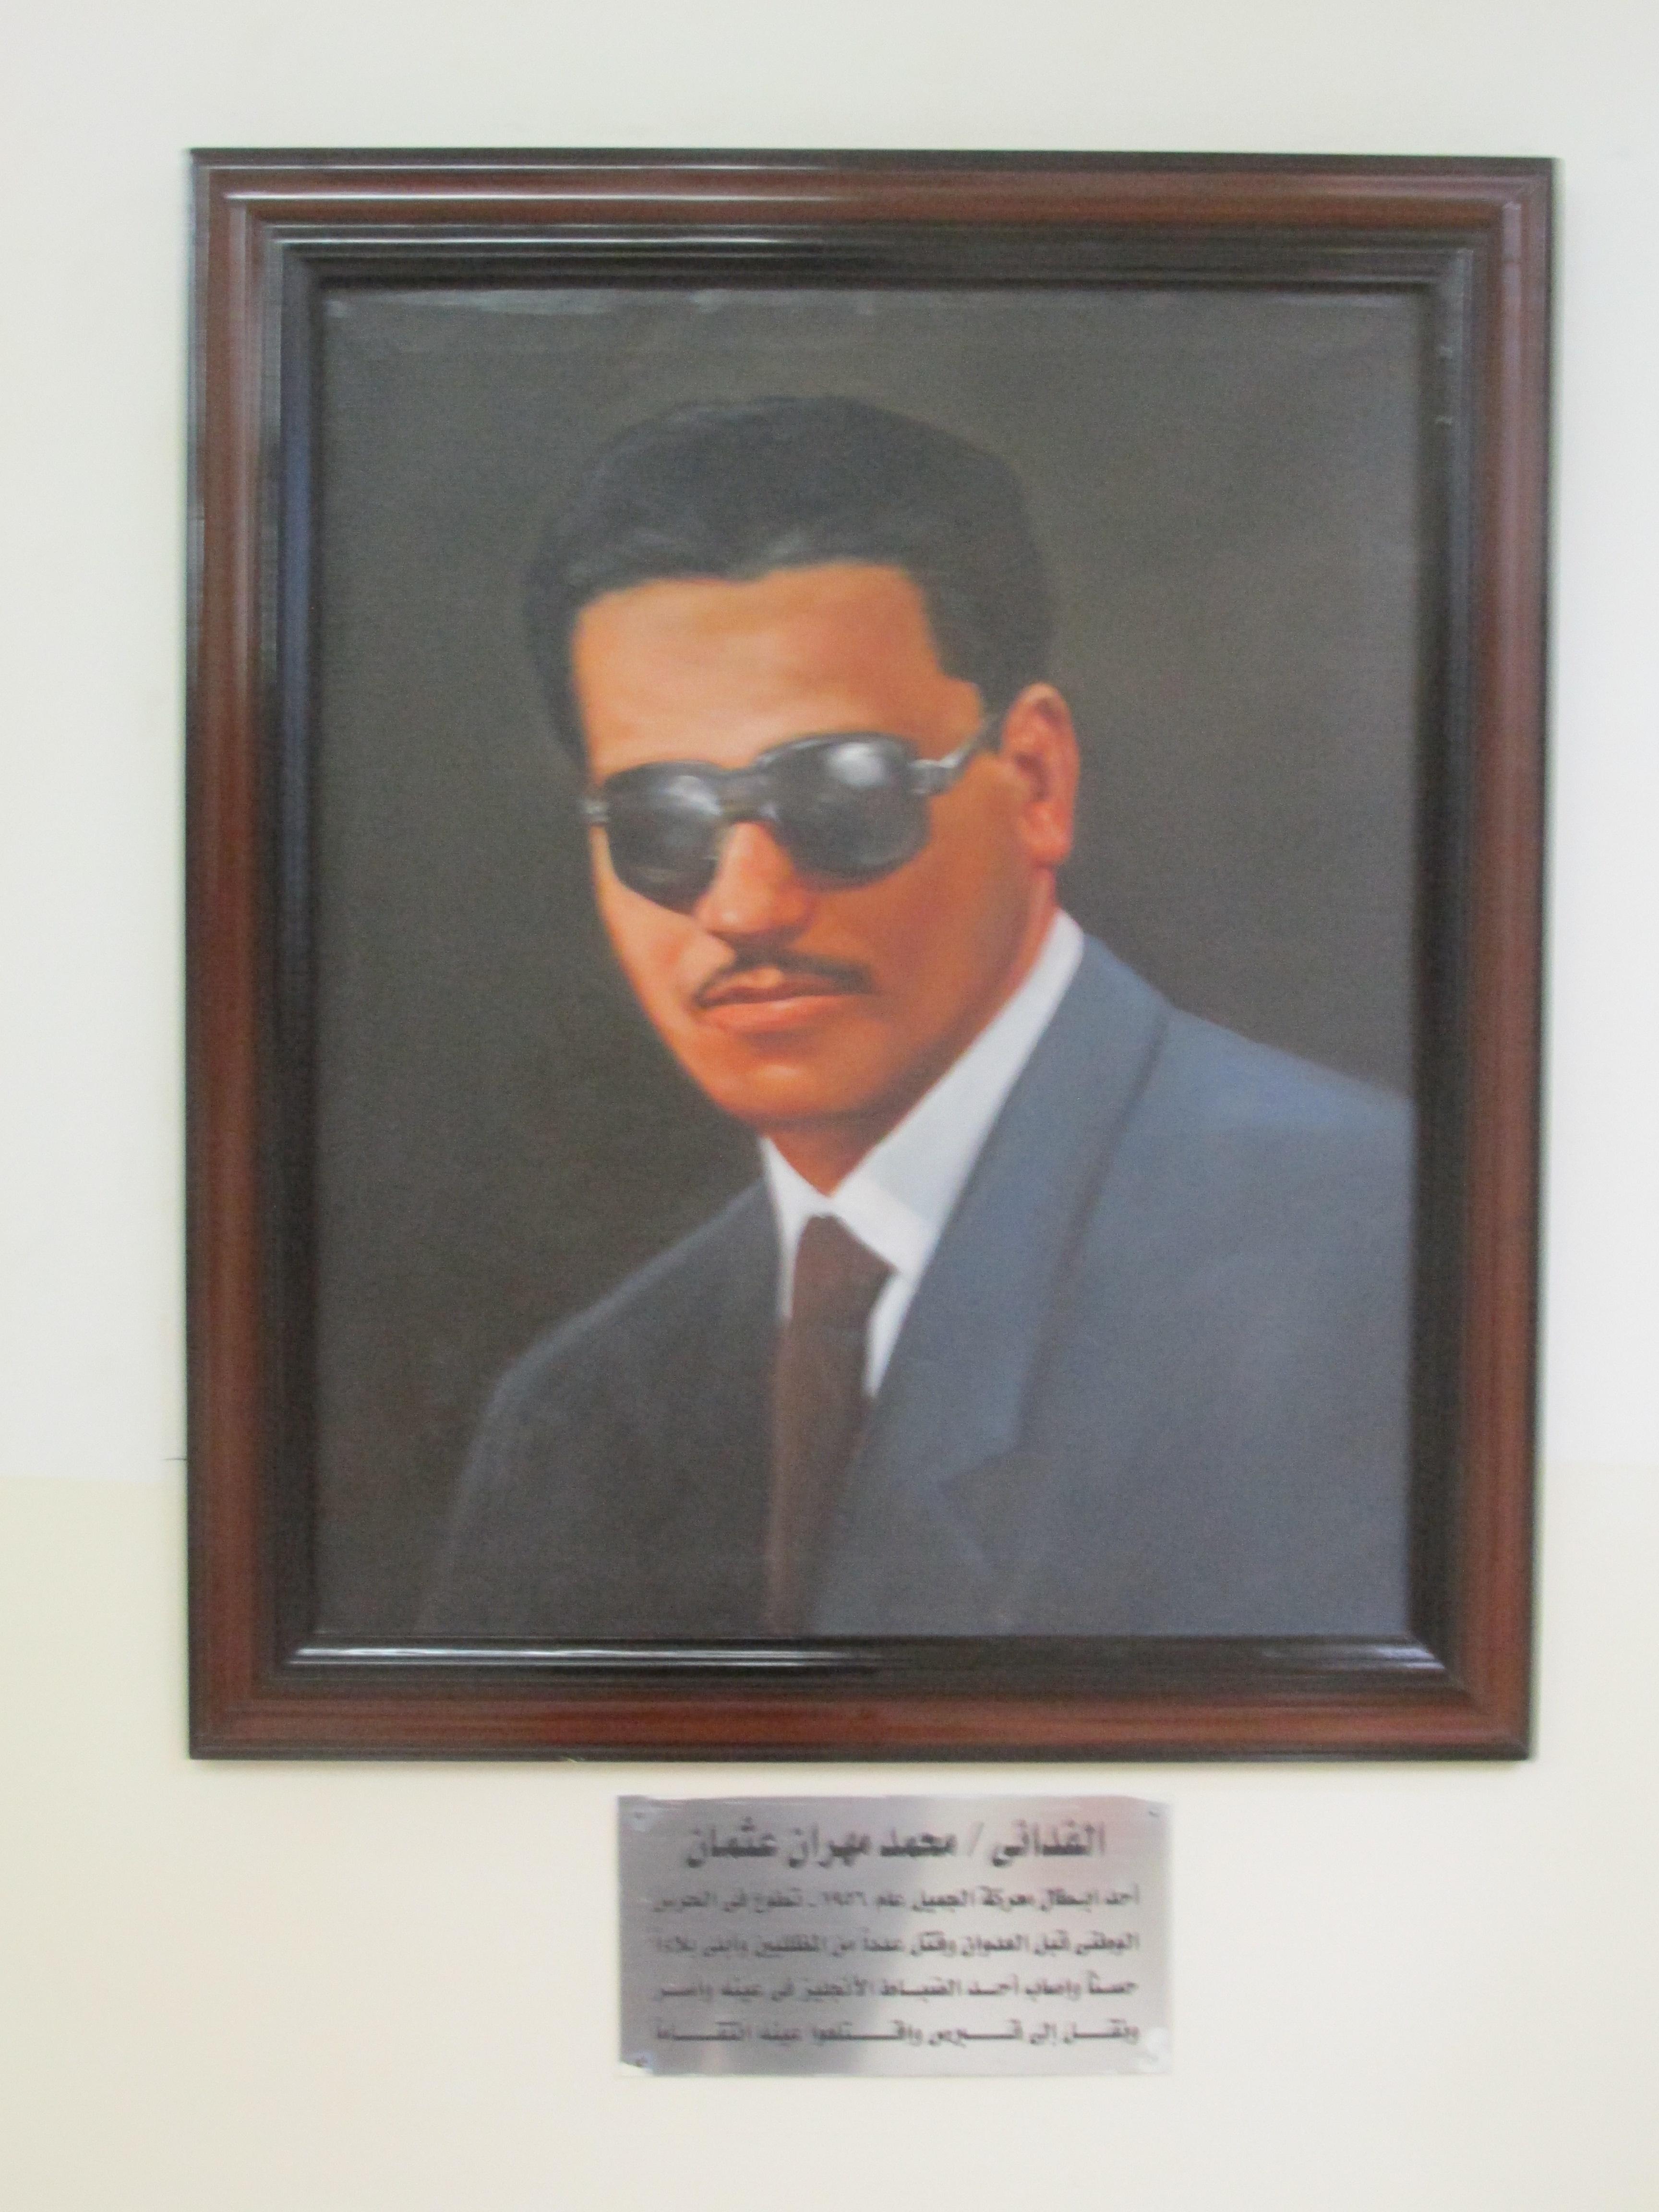 البطل الفدائى محمد مهران (2)